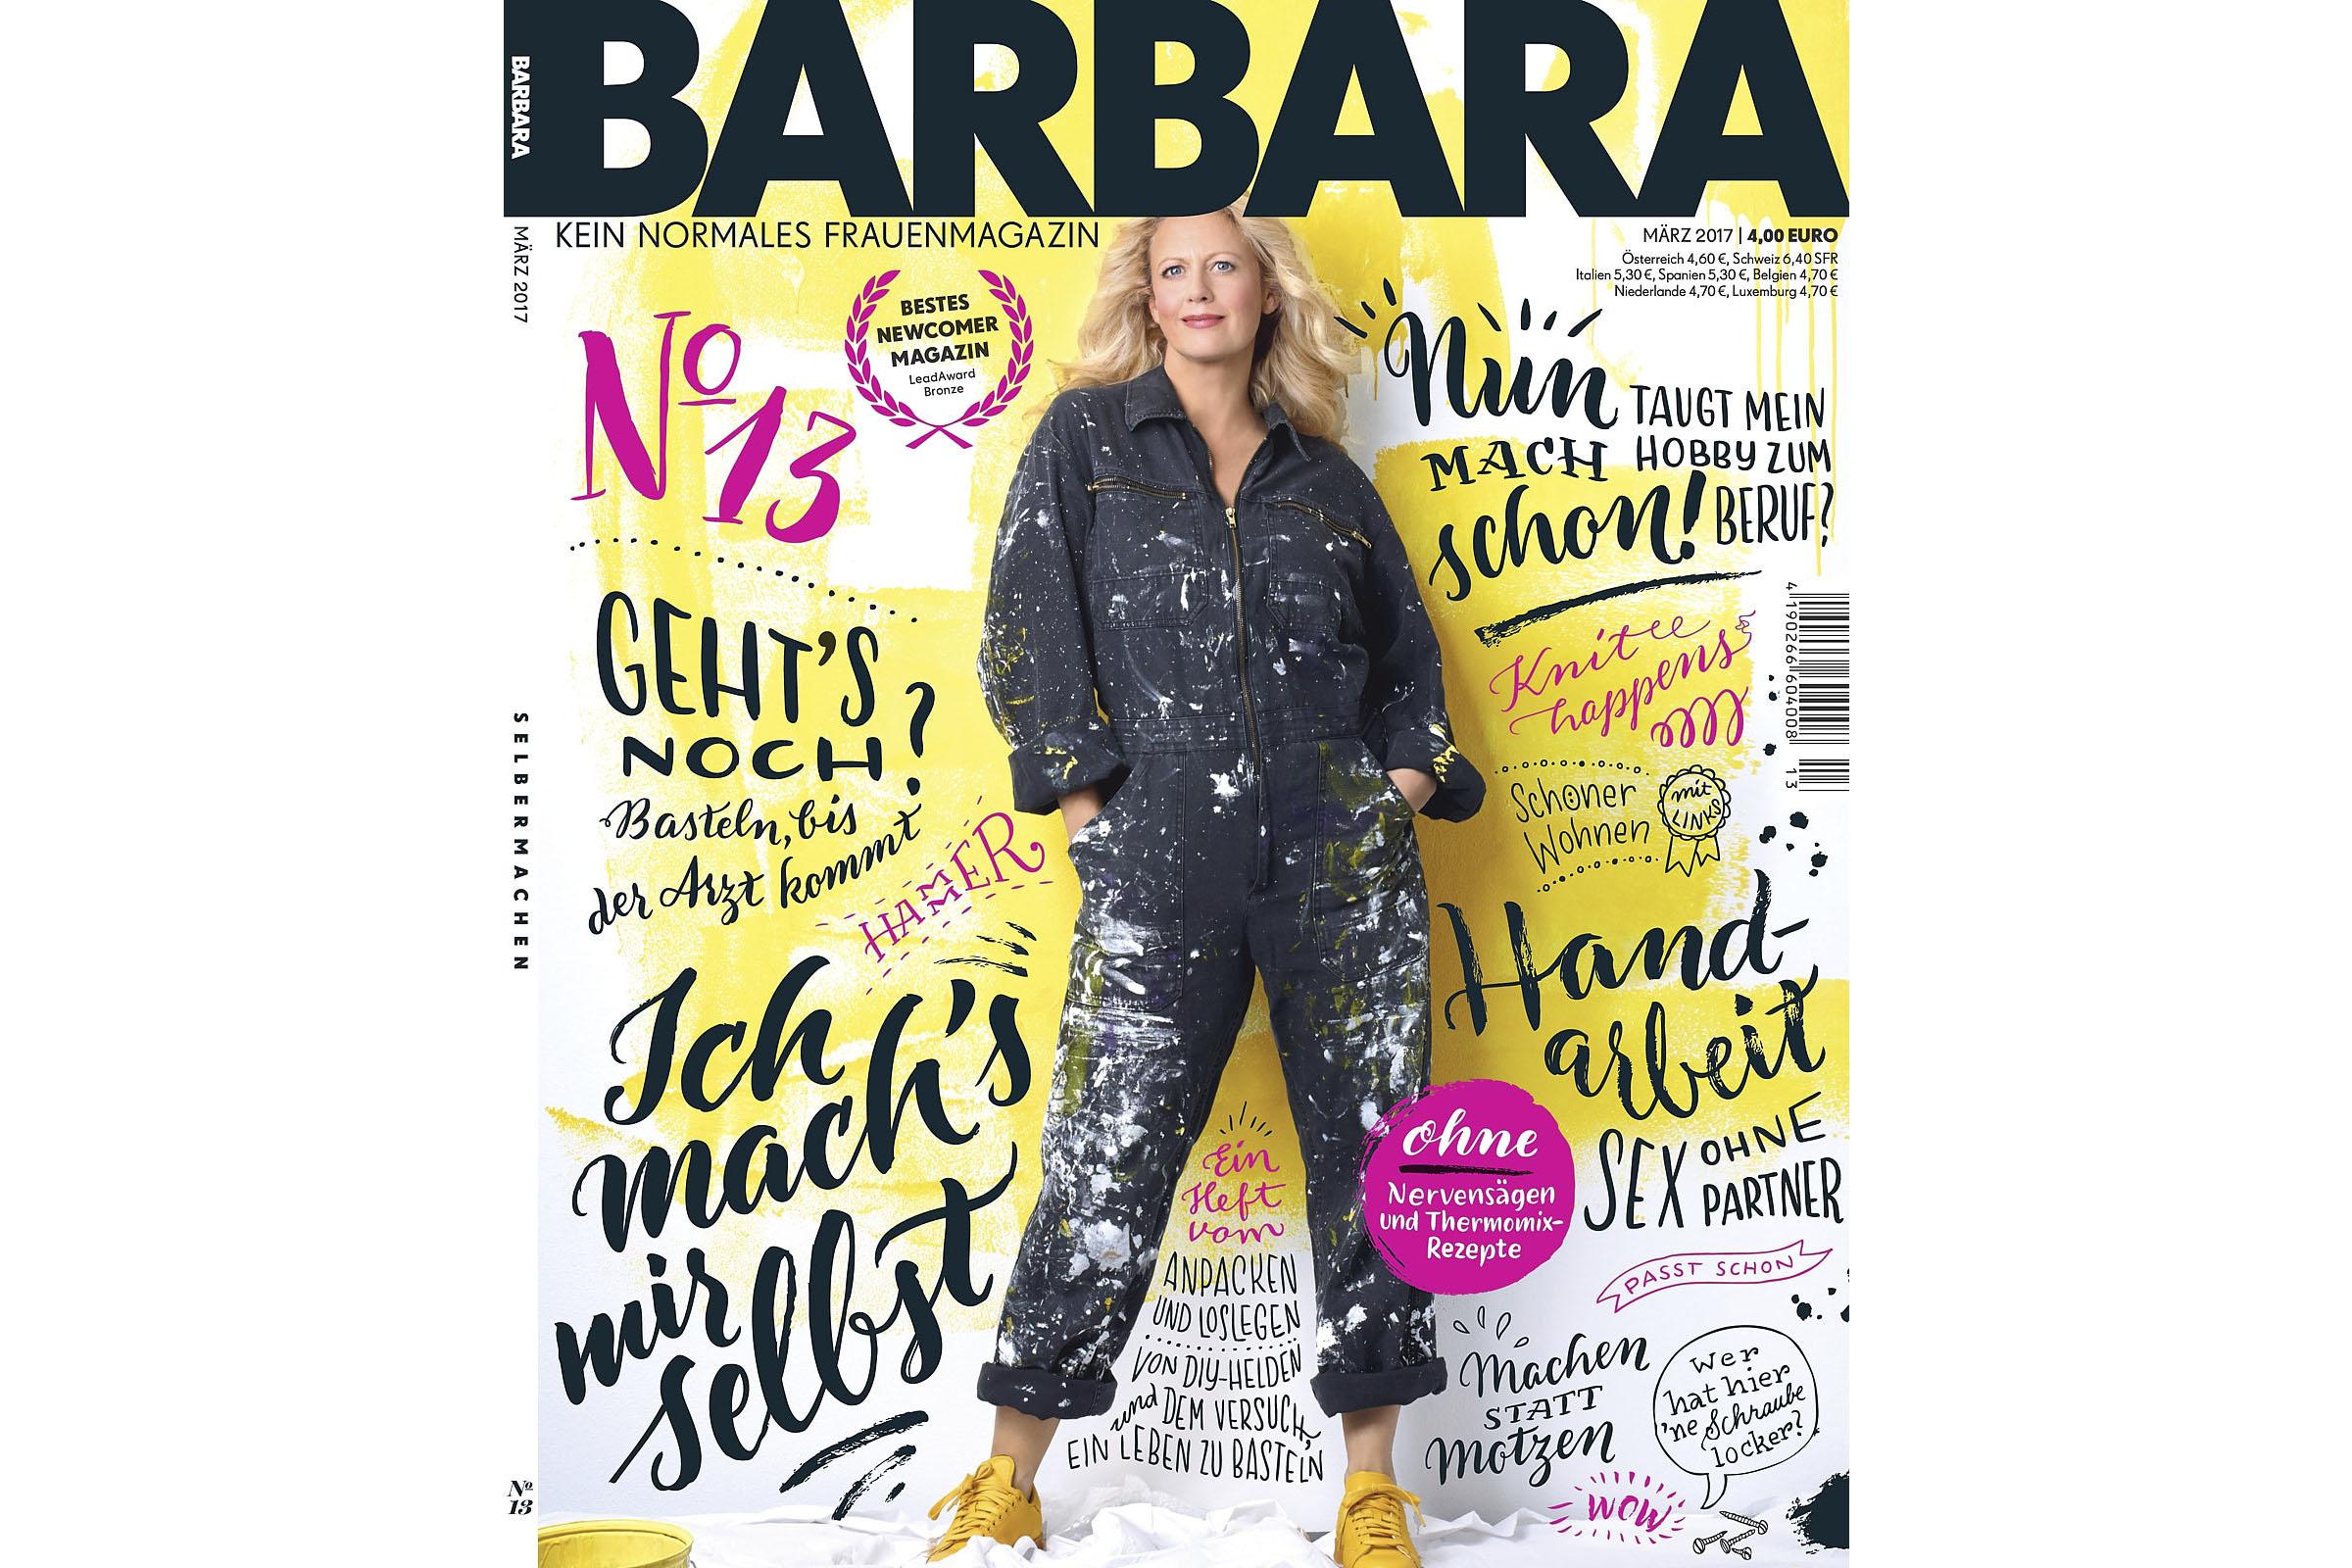 Barbara_#13_Cover_landscape